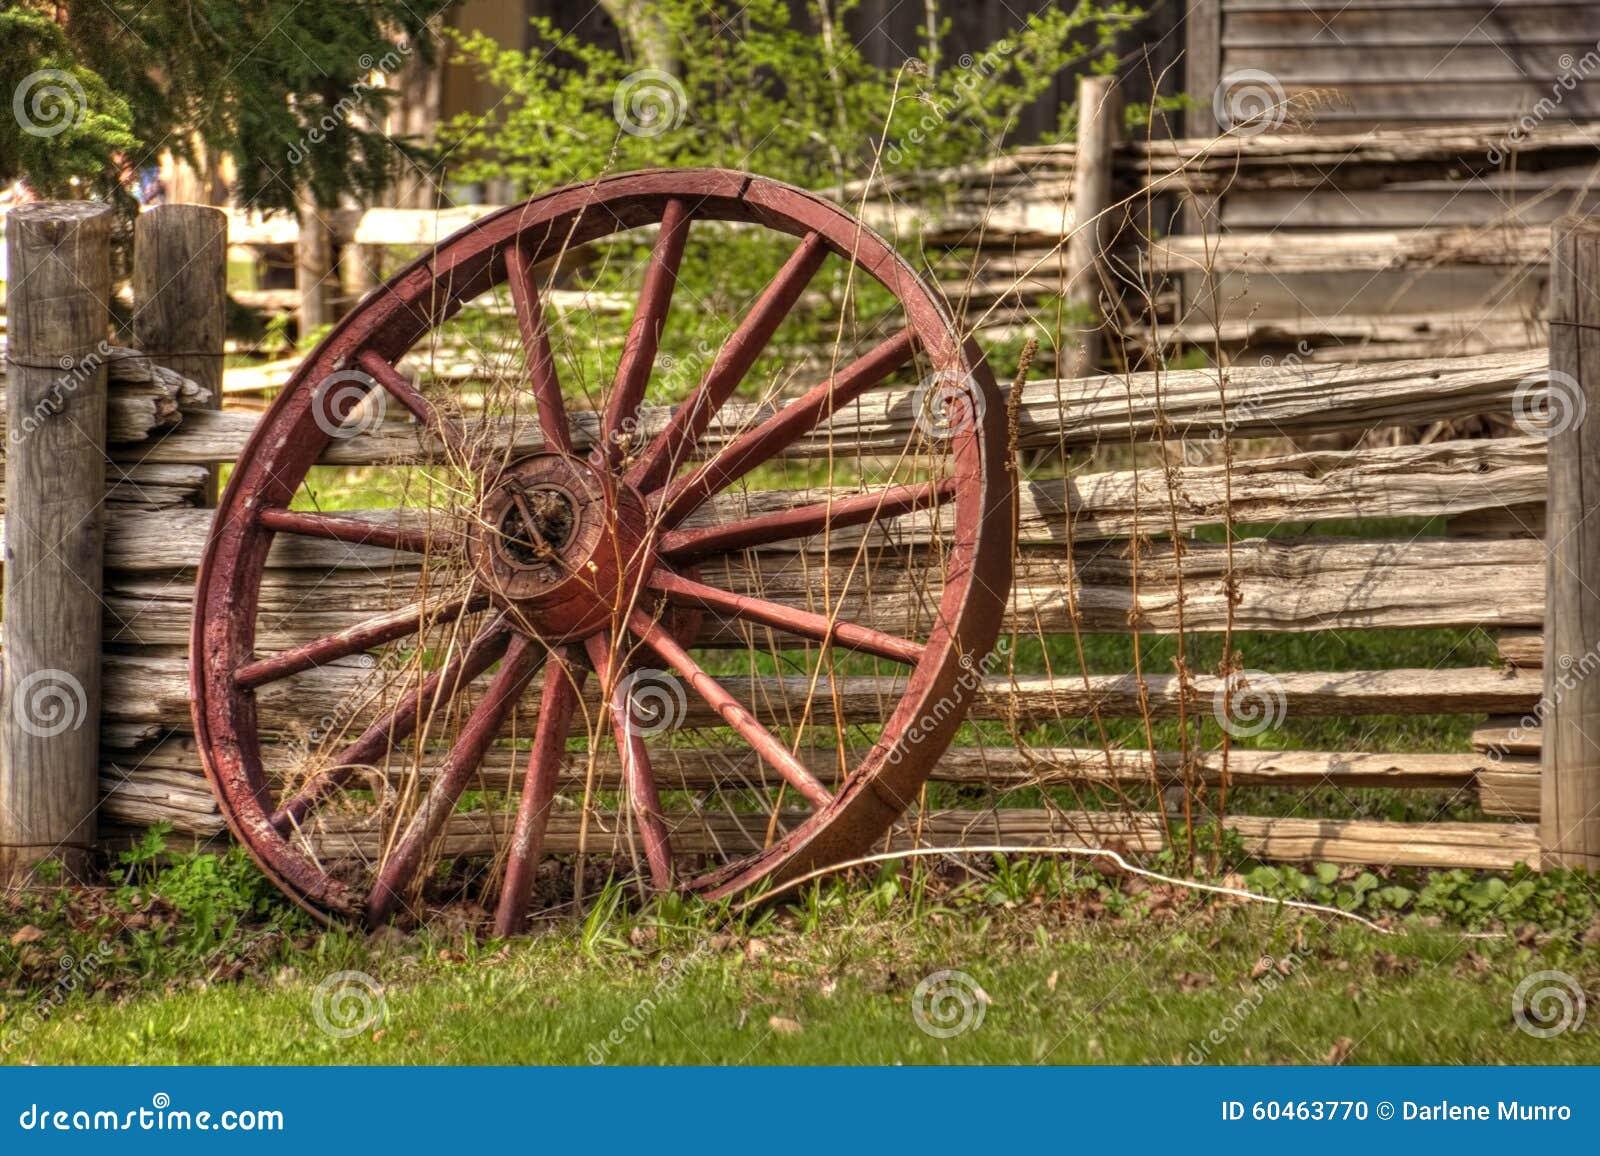 Roda de vagão rústica